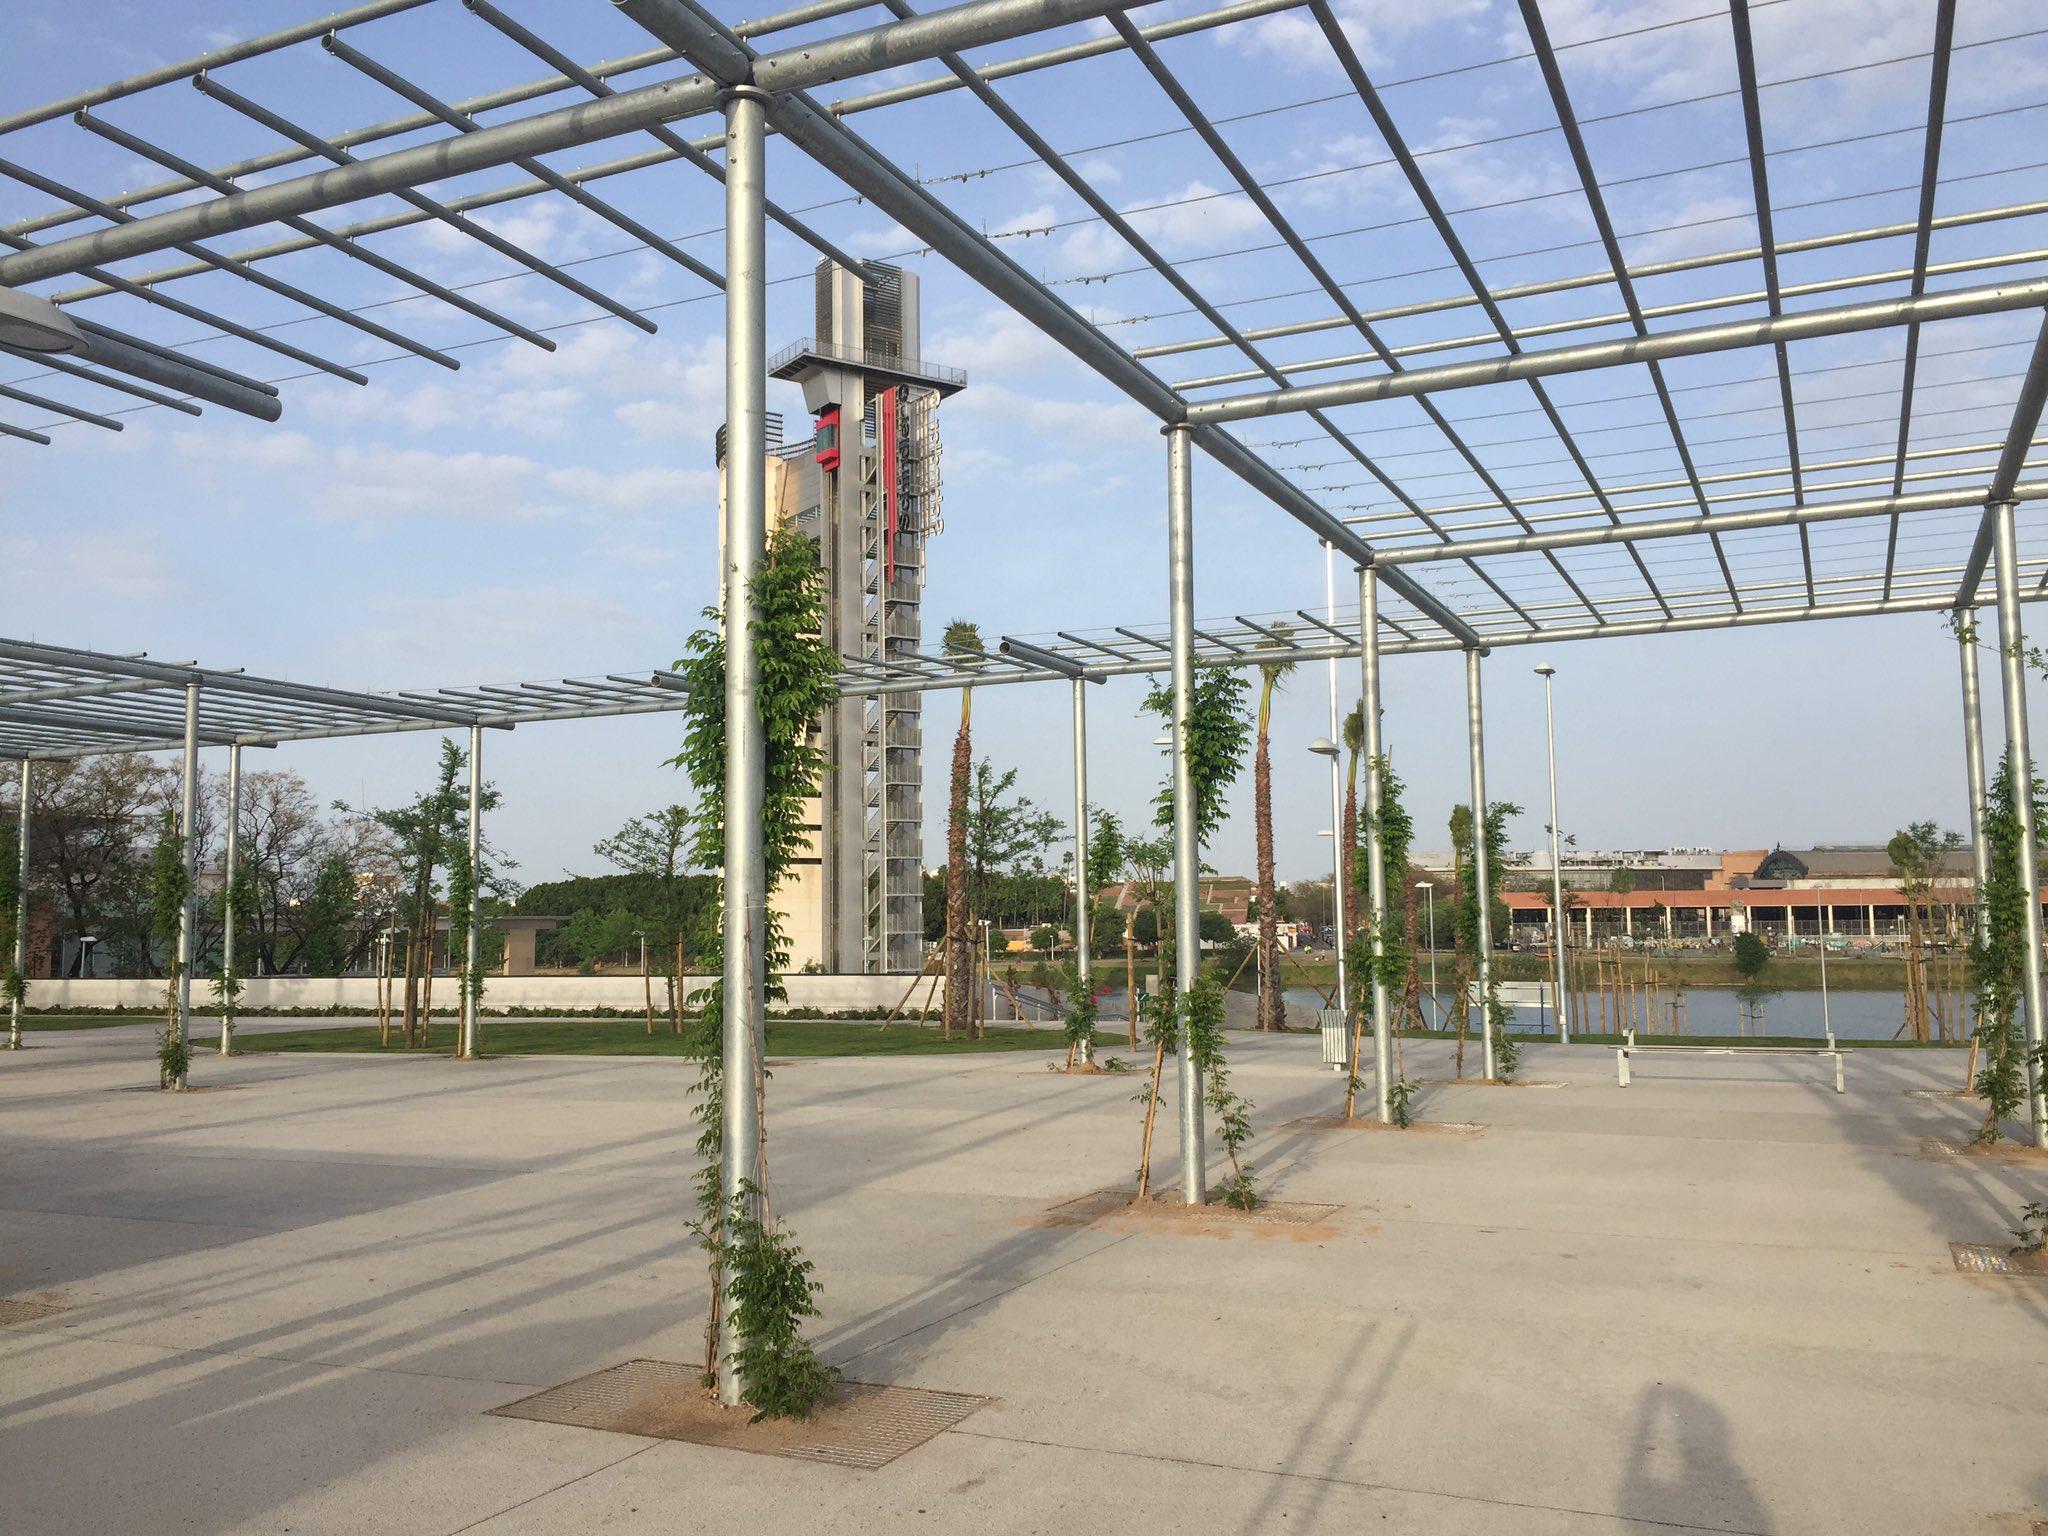 Muy buena pinta el nuevo parque de Magallanes a los pies de @SevillaTorre y junto al Guadalquivir #Sevillahoy https://t.co/CFjXPmkuVB